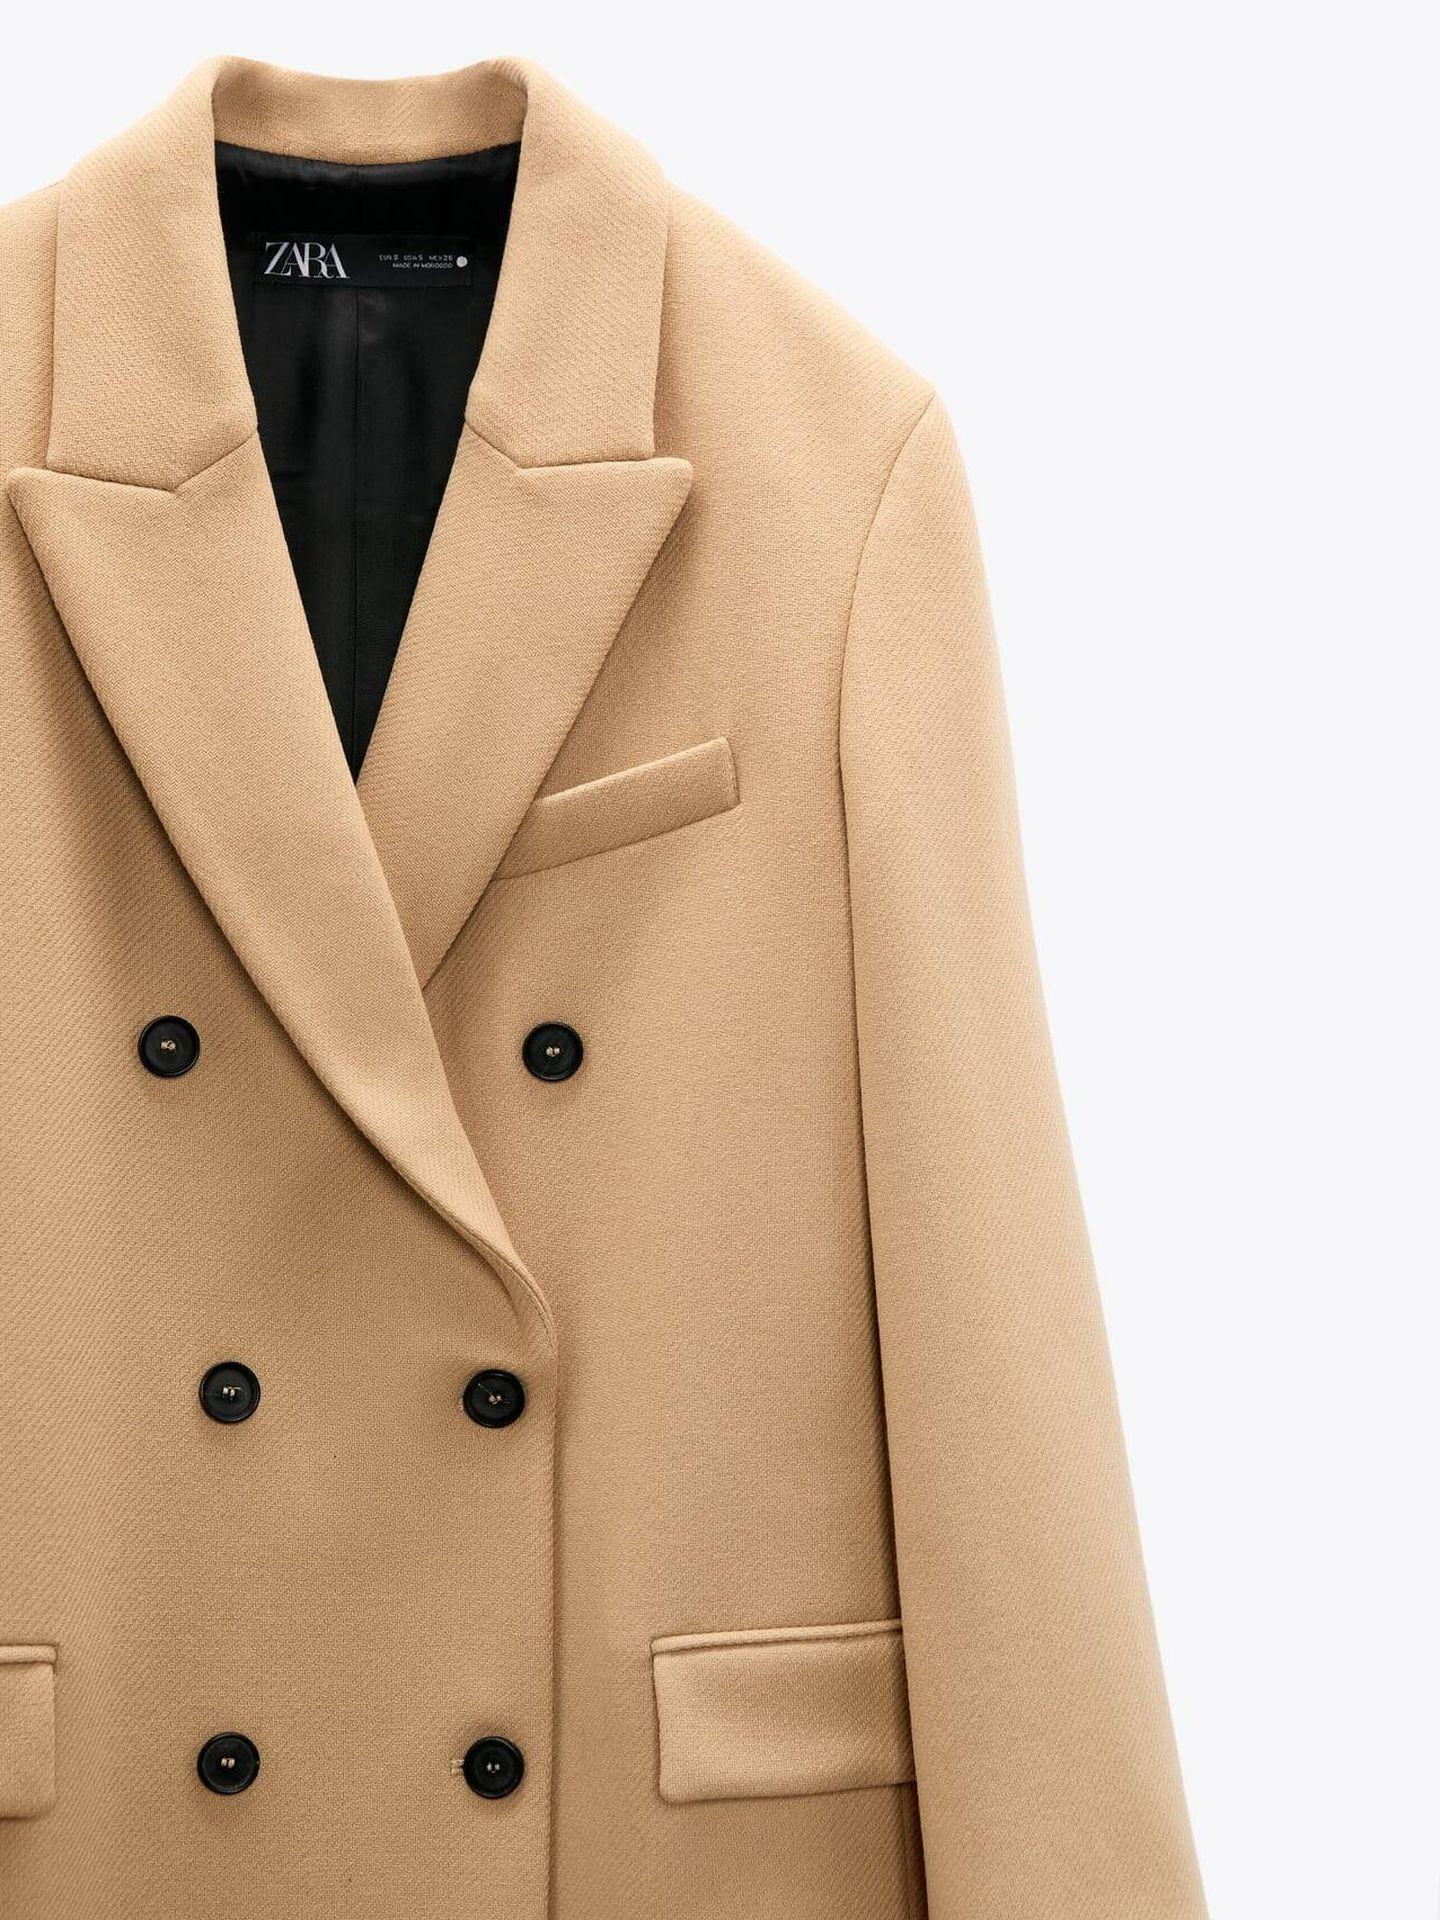 Abrigo de lana de Zara. (Cortesía)